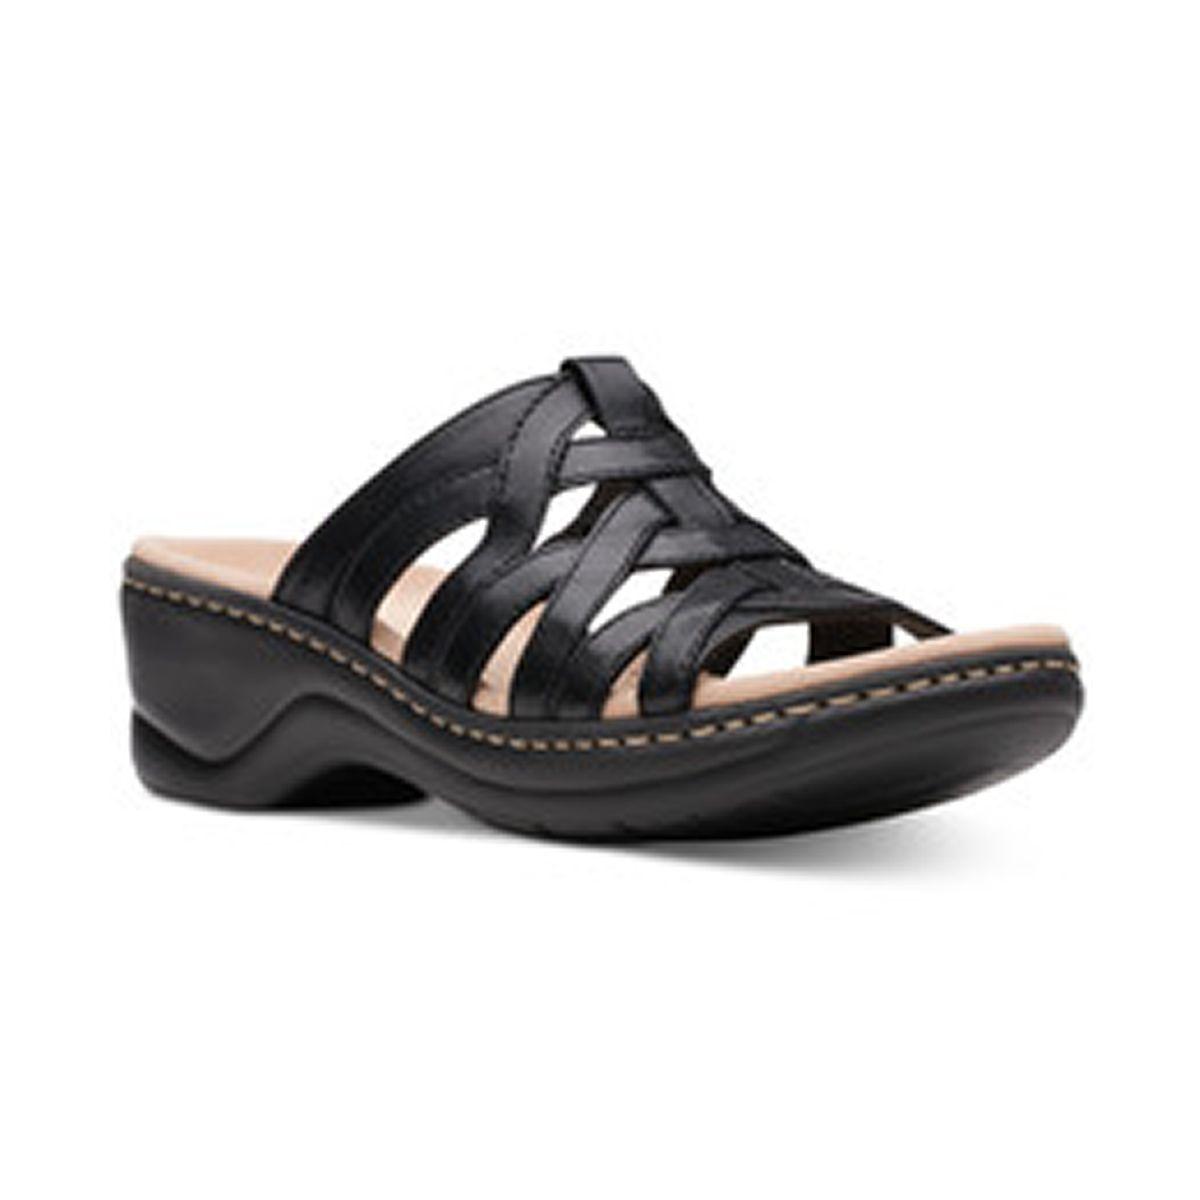 69027364 Clarks Women's Sandals and Flip Flops - Macy's